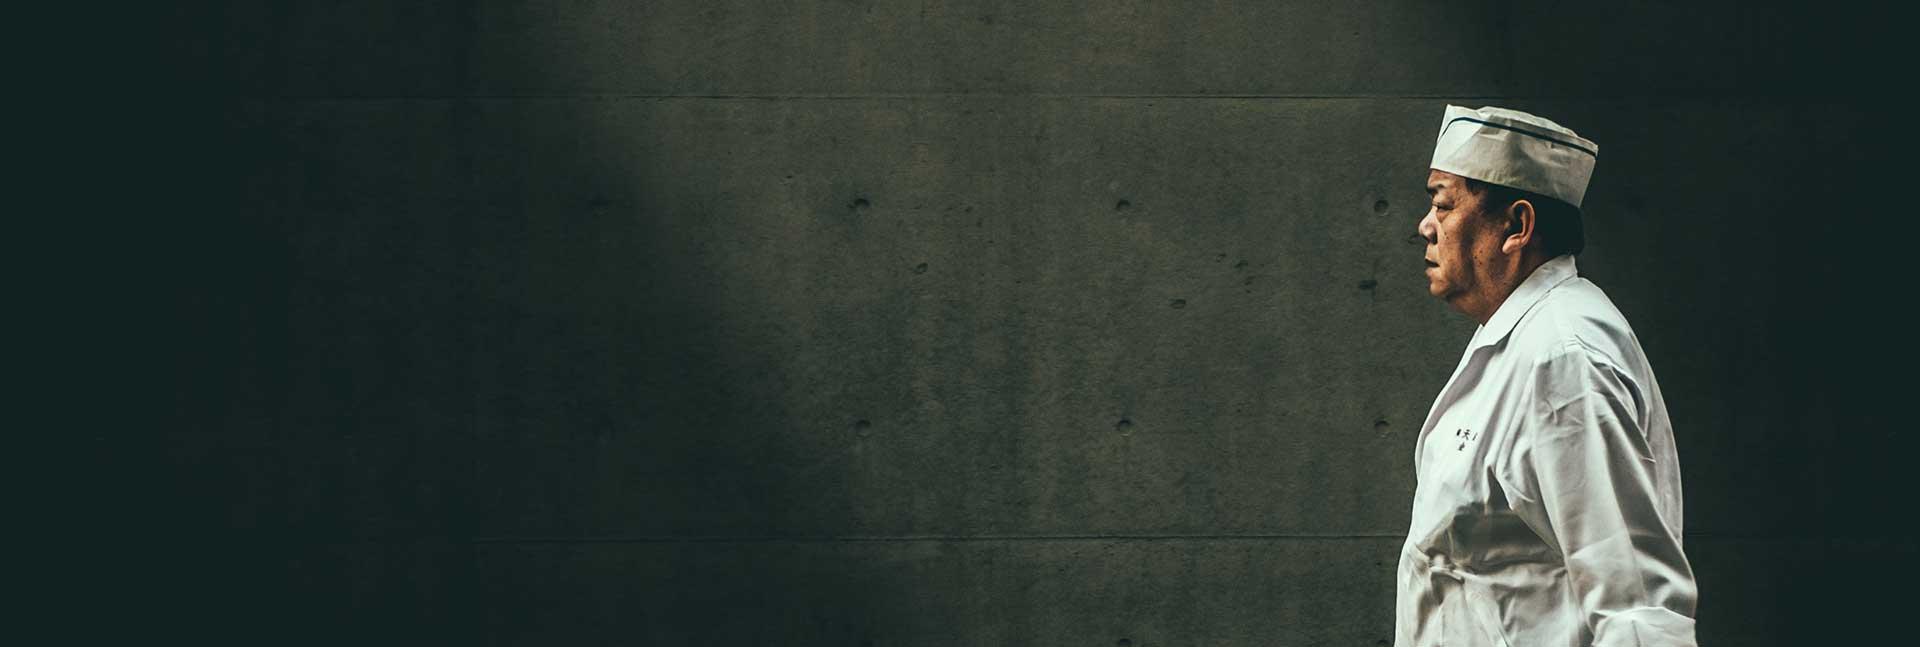 M35 Filmproduktion Hintergrund Leistungen Japanischer Mann vor Betonmauer